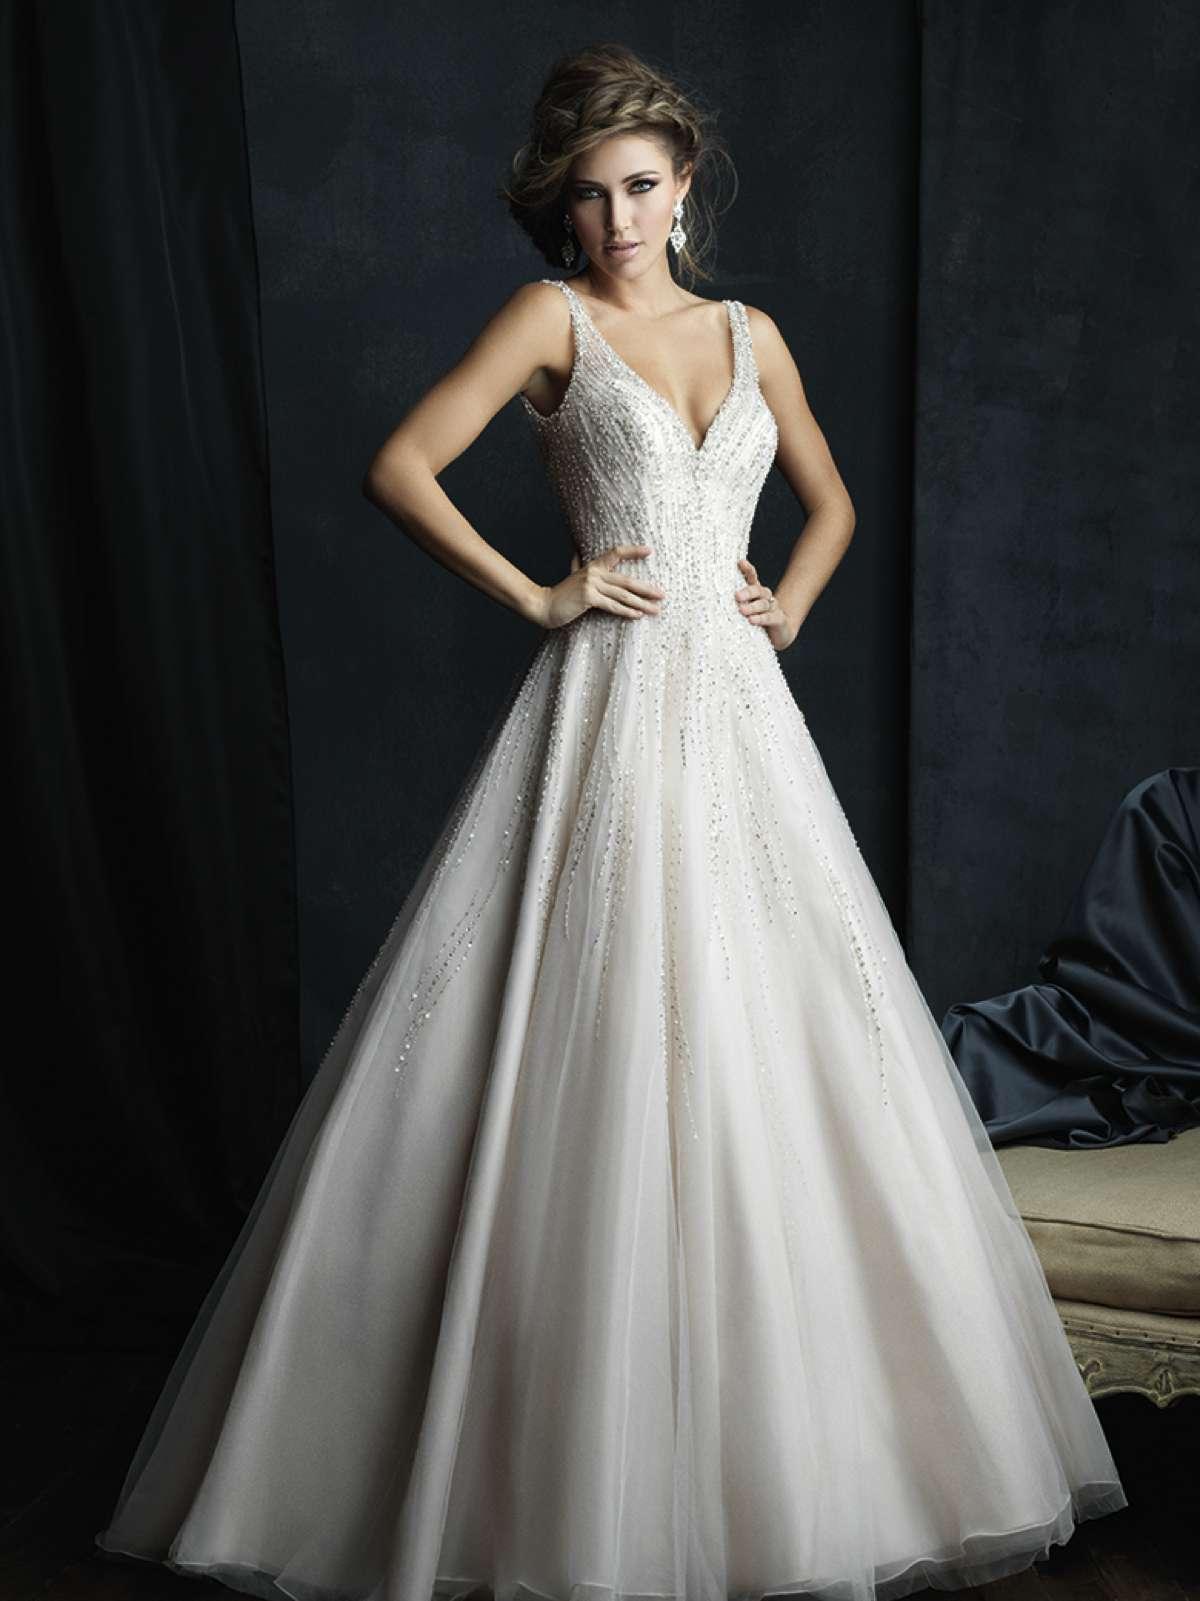 Harrogate Bridal Show Trends - Allure Bridals